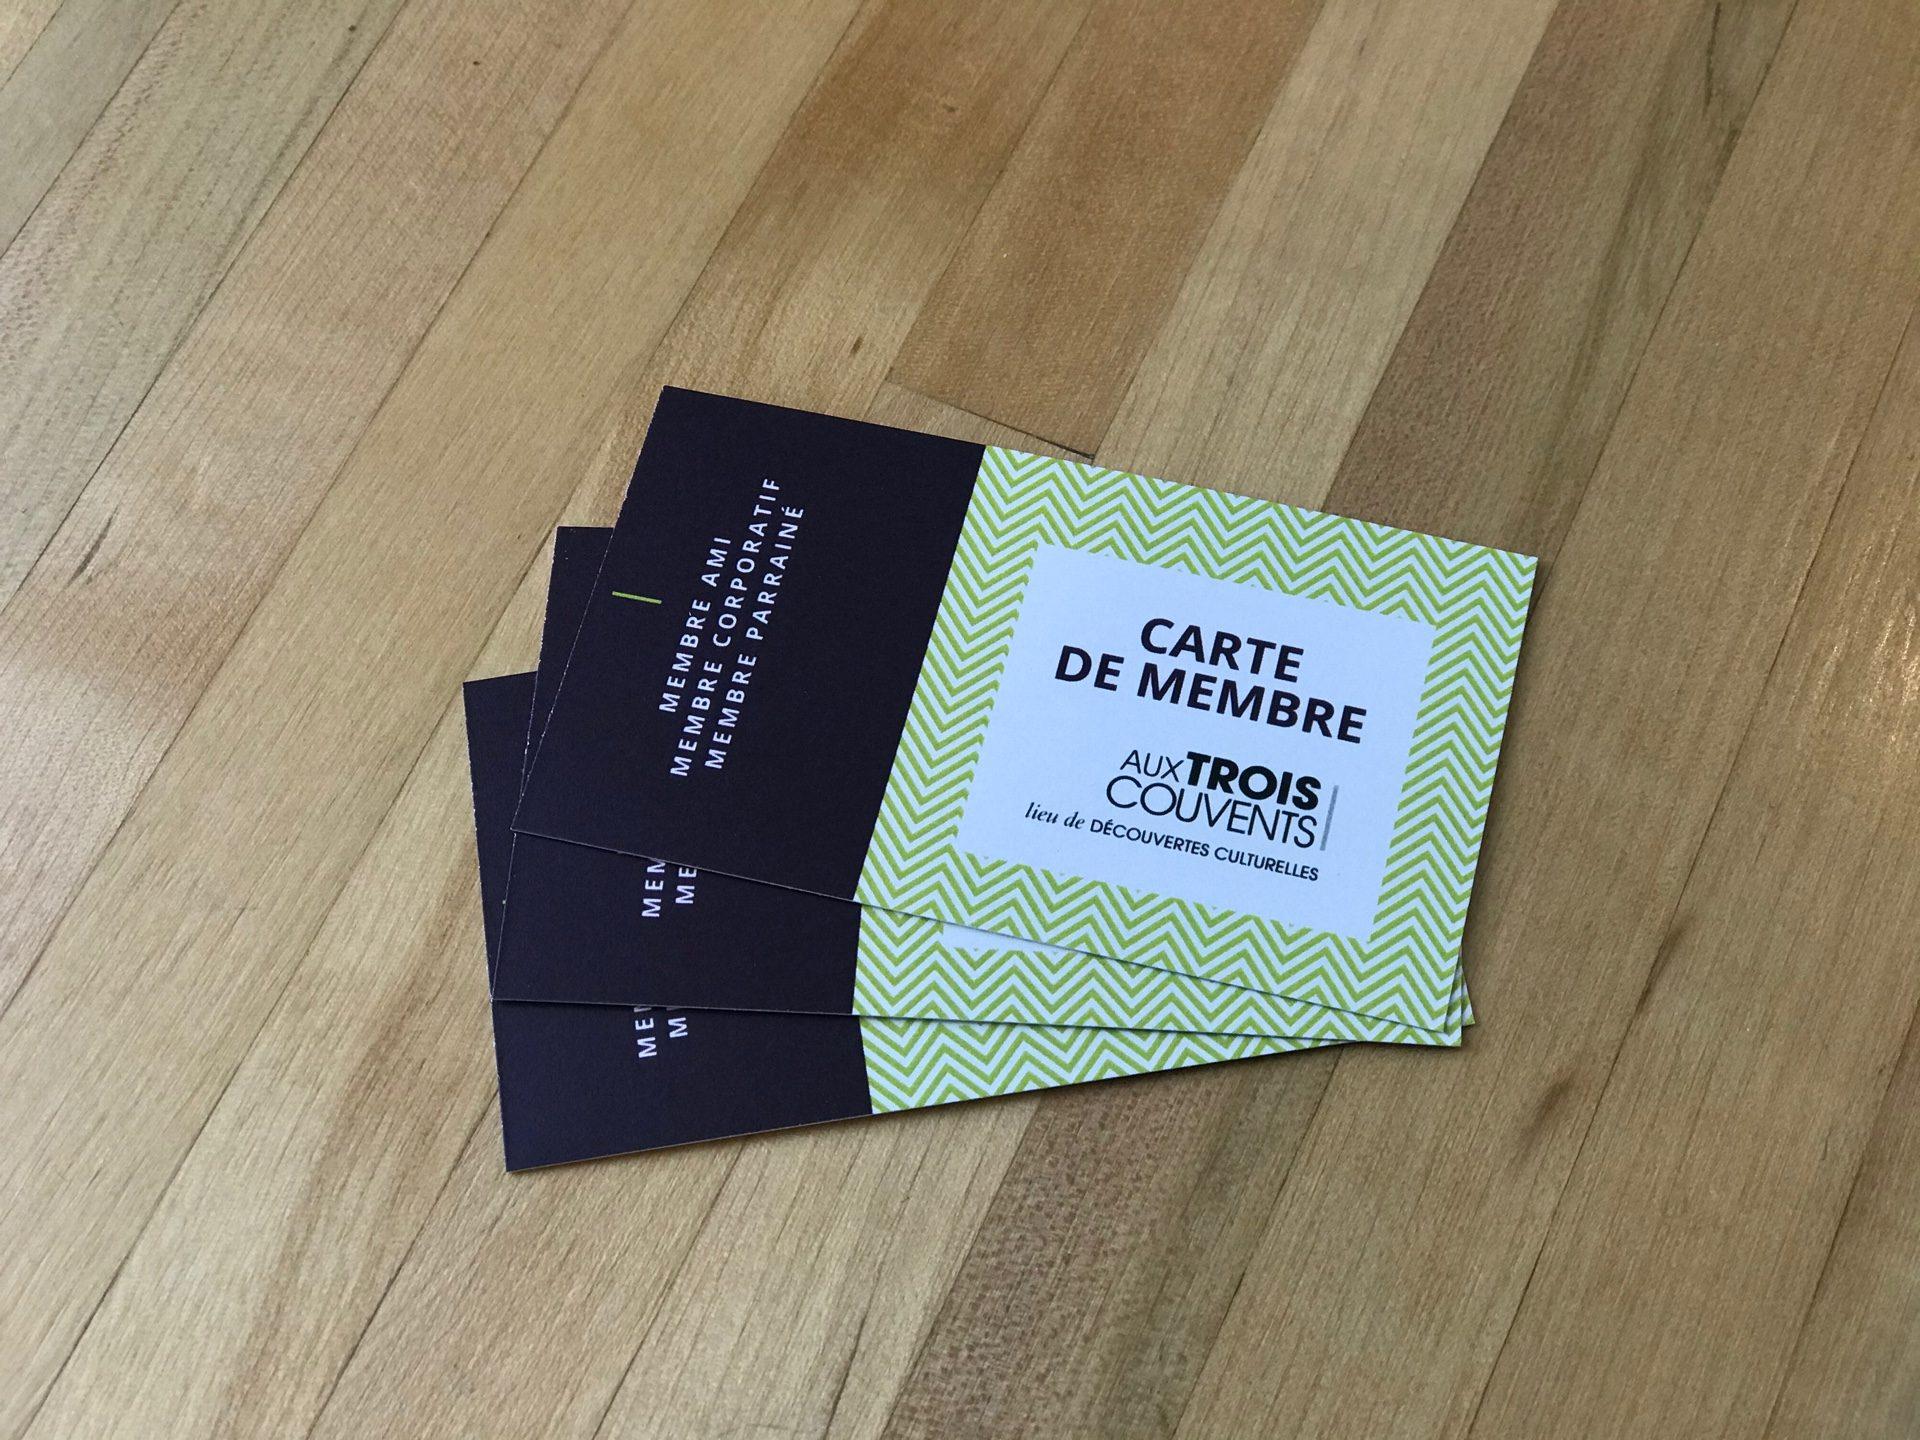 carte-membre-aux-trois-couvents